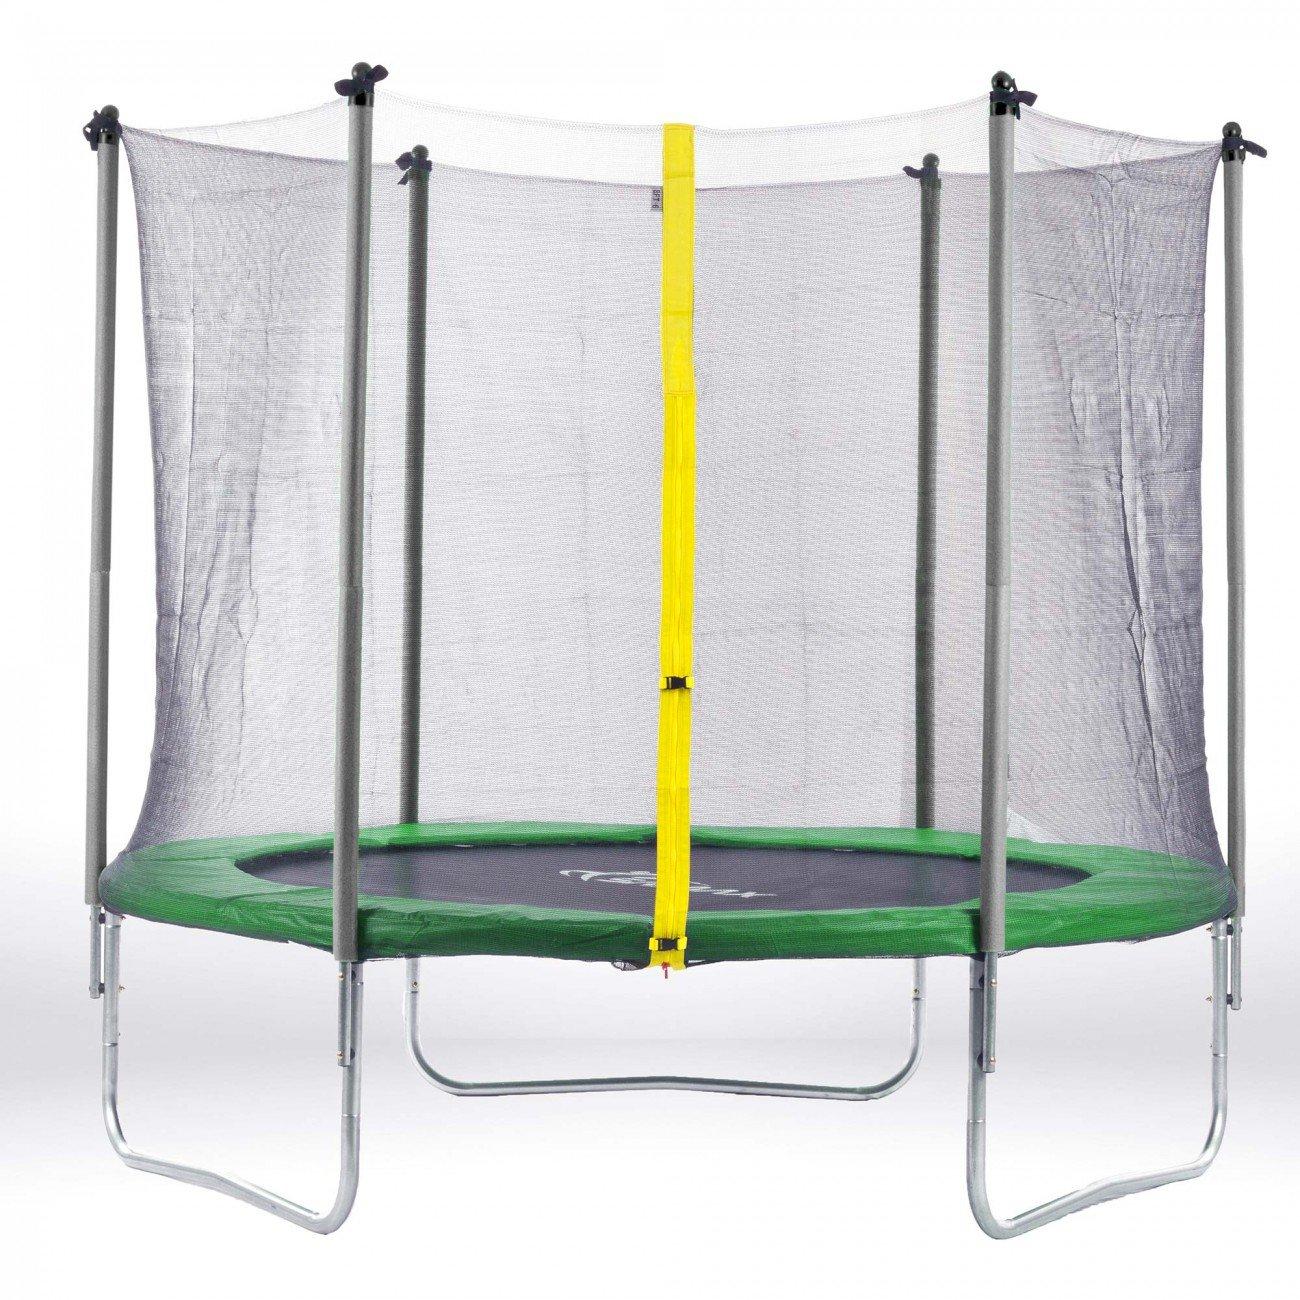 SAMAX Trampolin Gartentrampolin 4,27m (14 ft) Sicherheitsnetz grün